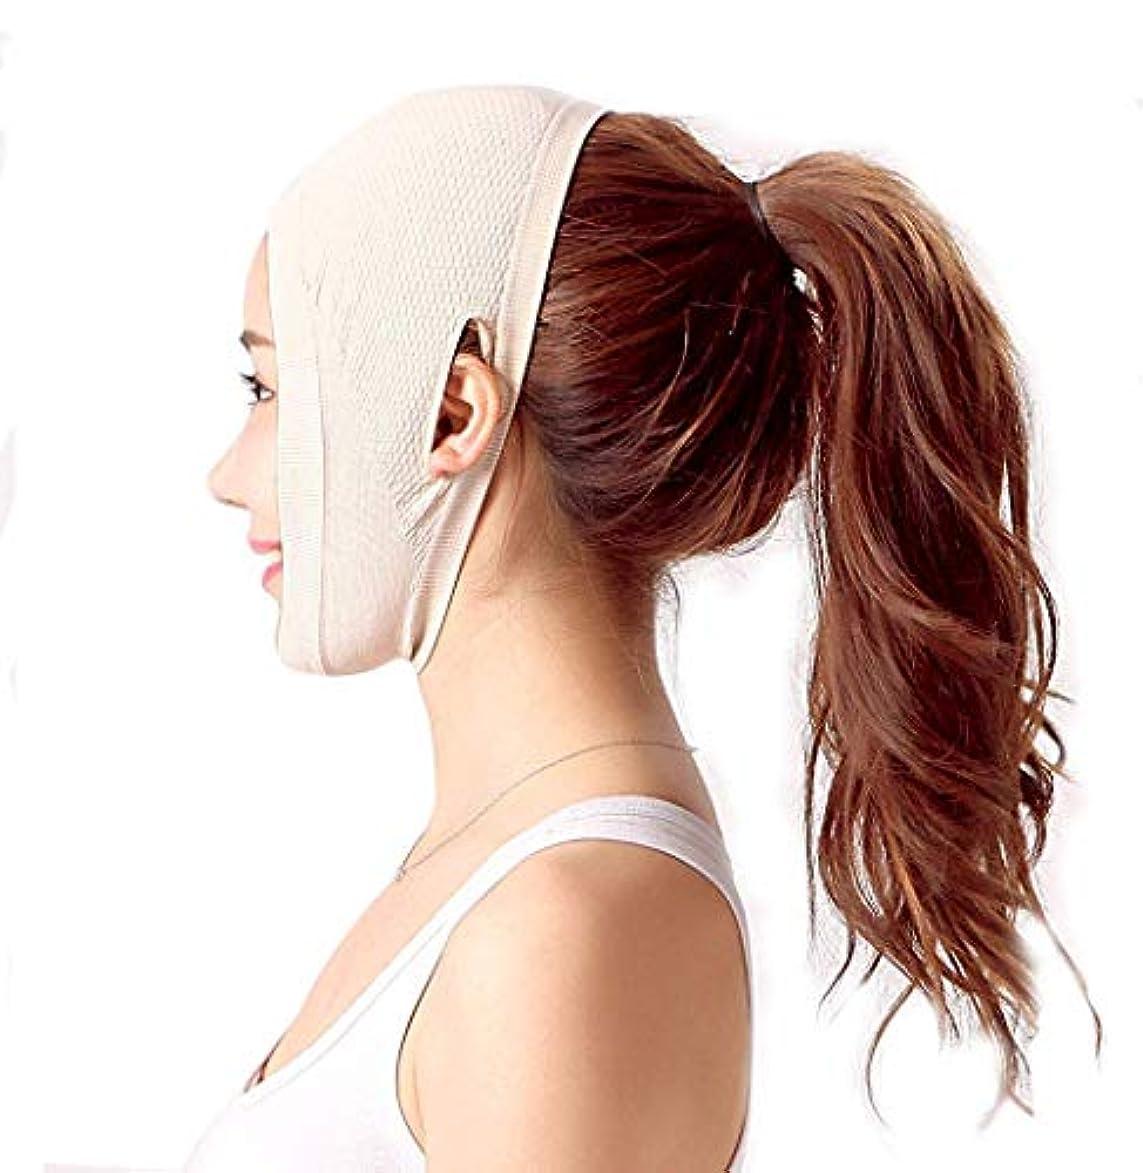 増強不規則なダムV顔リフティング包帯薄いフェイスマスク(色:肌のトーン(A))を眠っている整形手術病院ライン彫刻術後回復ヘッドギア医療マスク